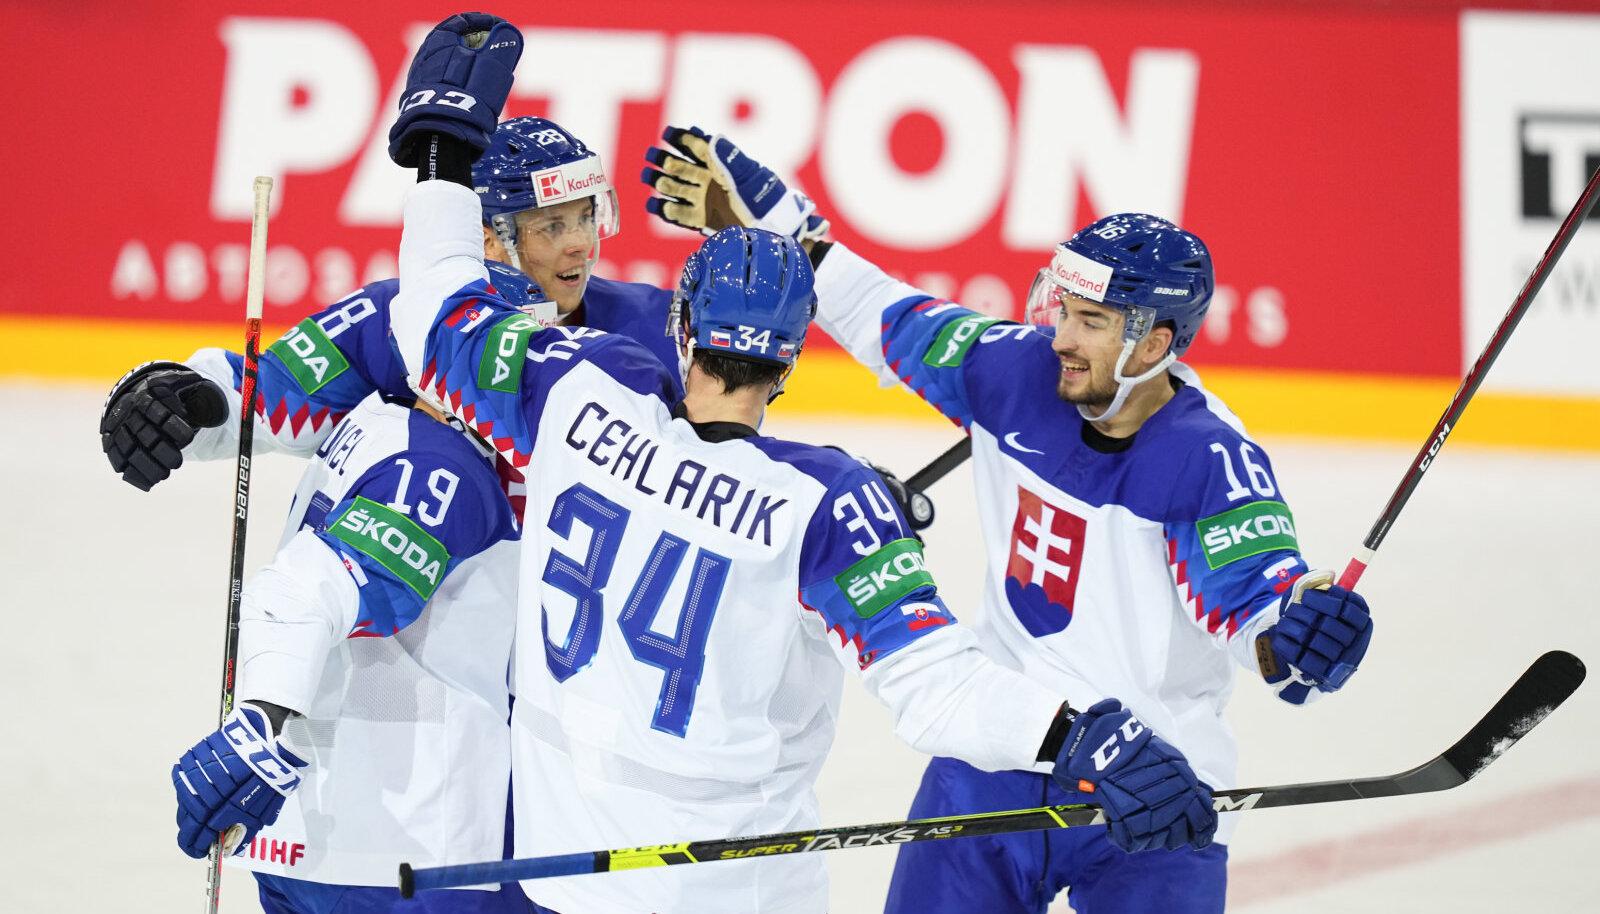 Slovakkia jäähokimängijad